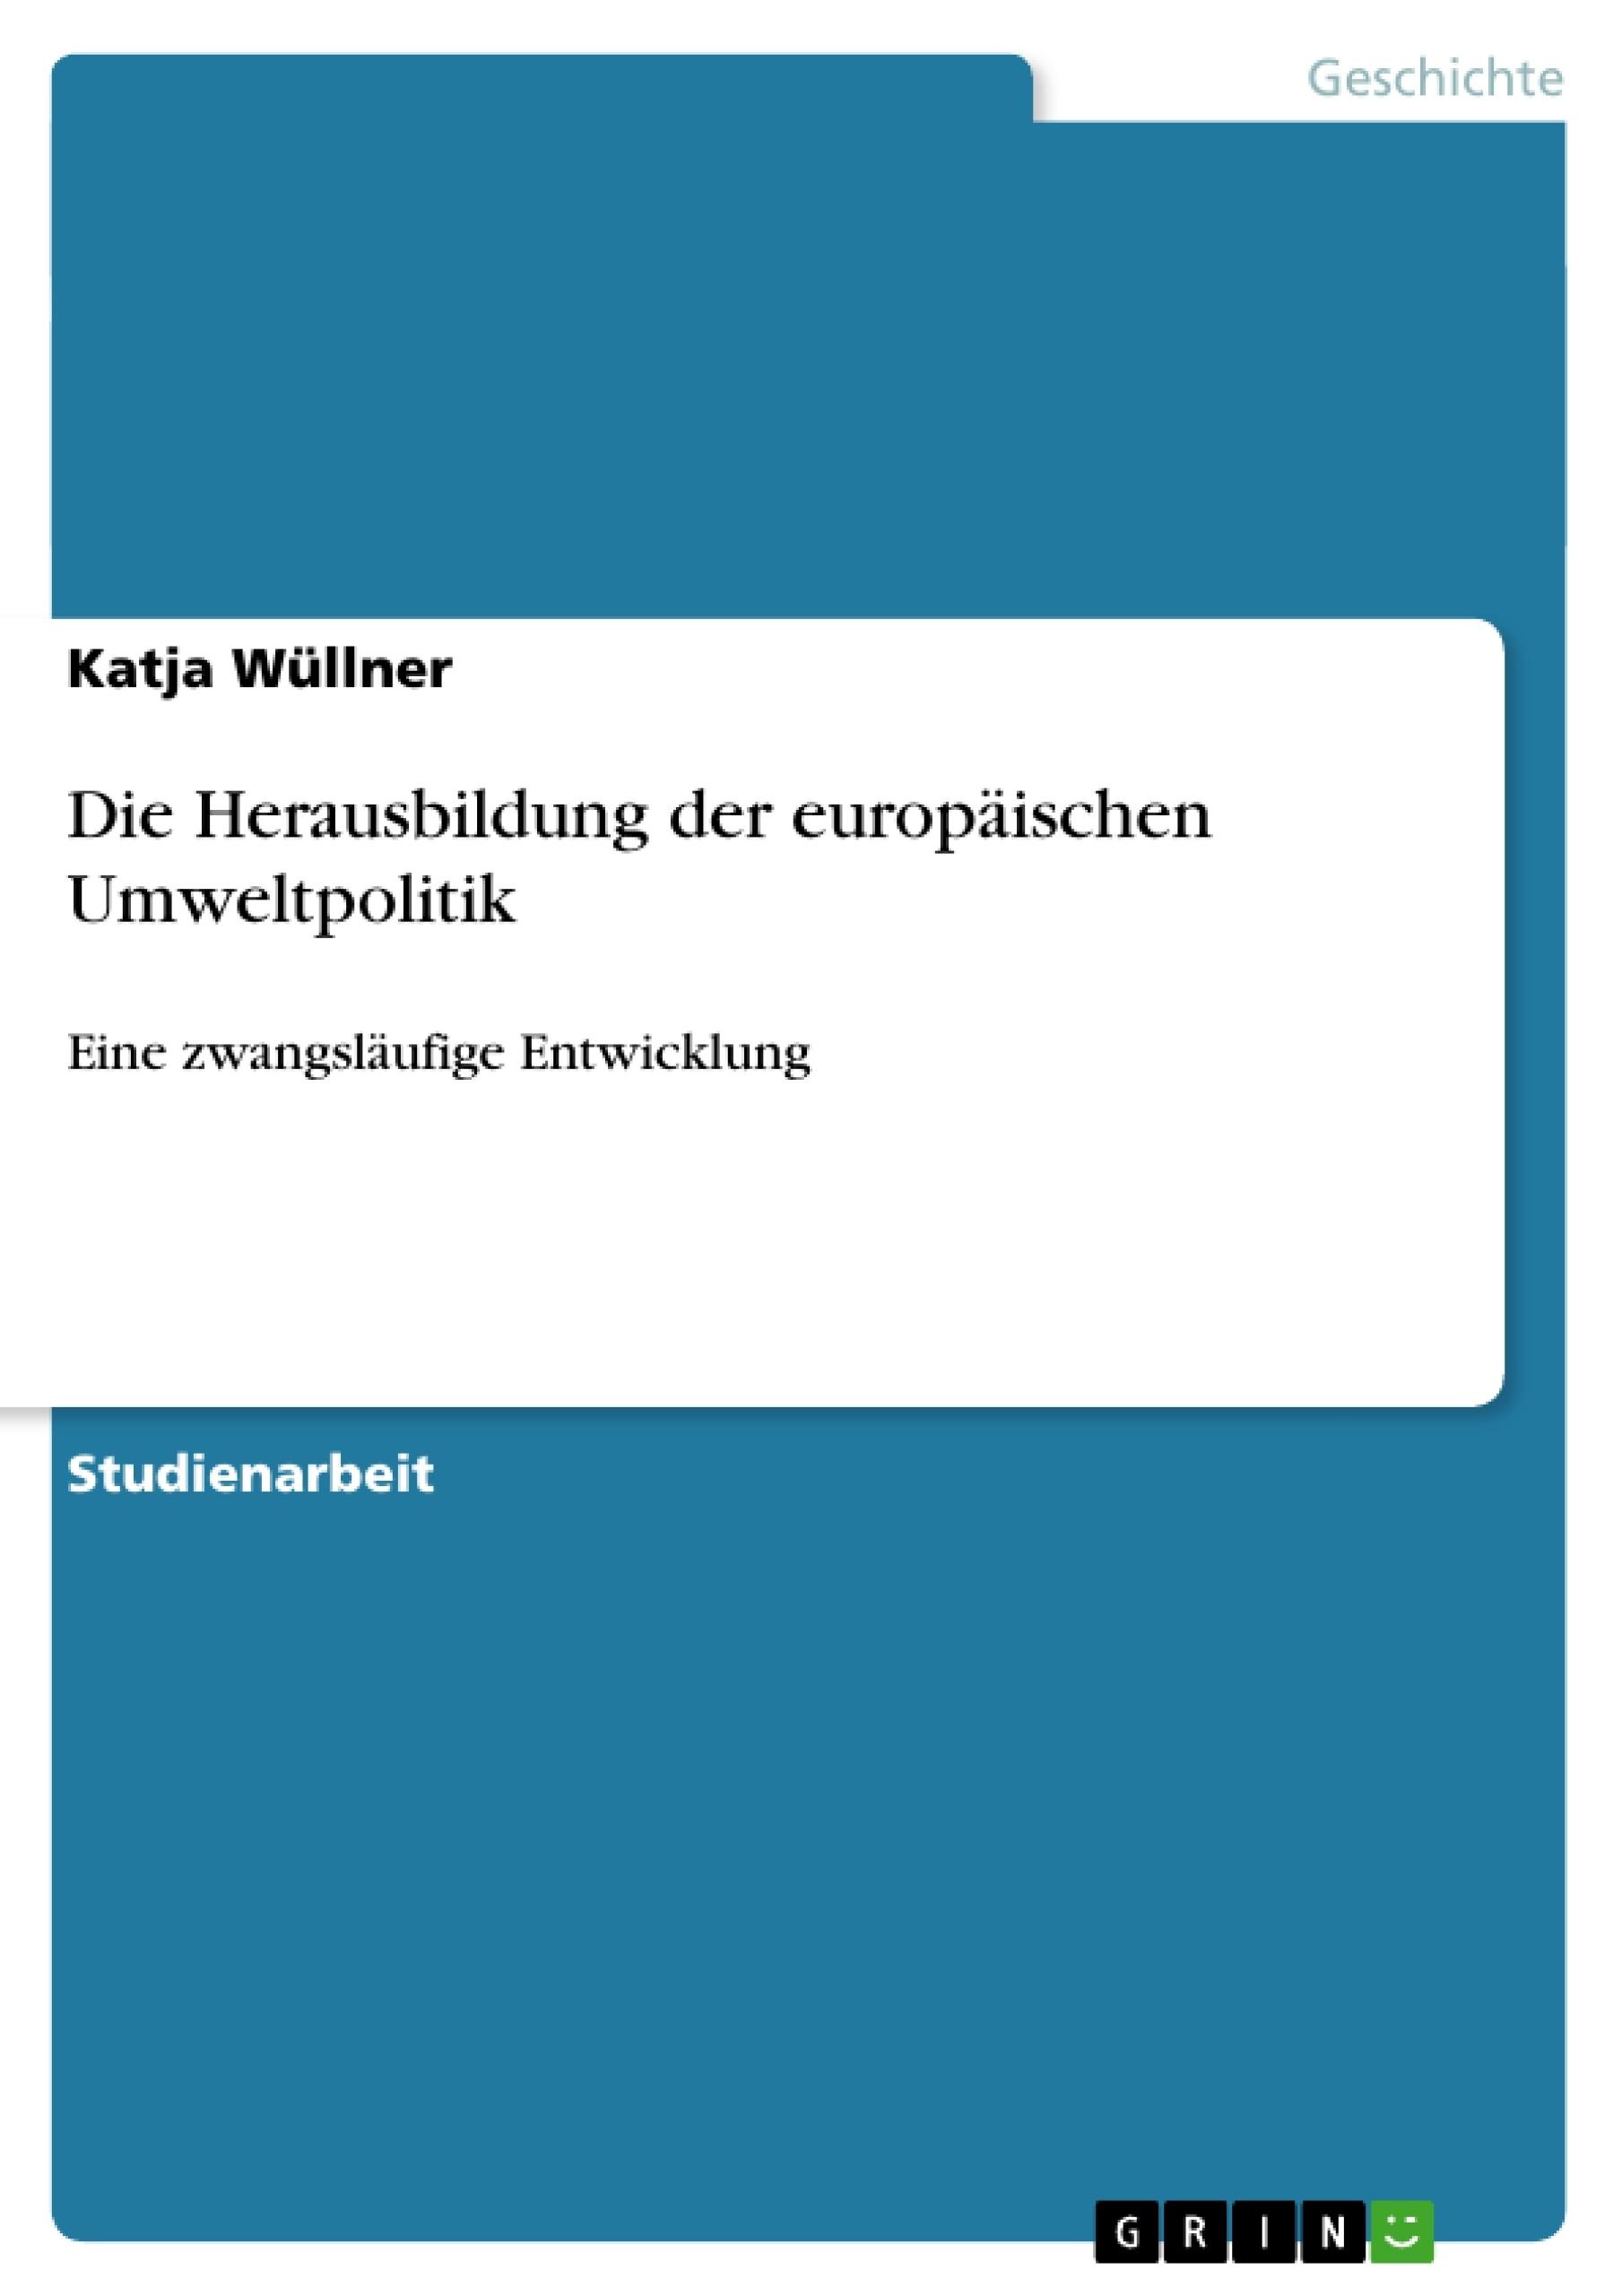 Titel: Die Herausbildung der europäischen Umweltpolitik